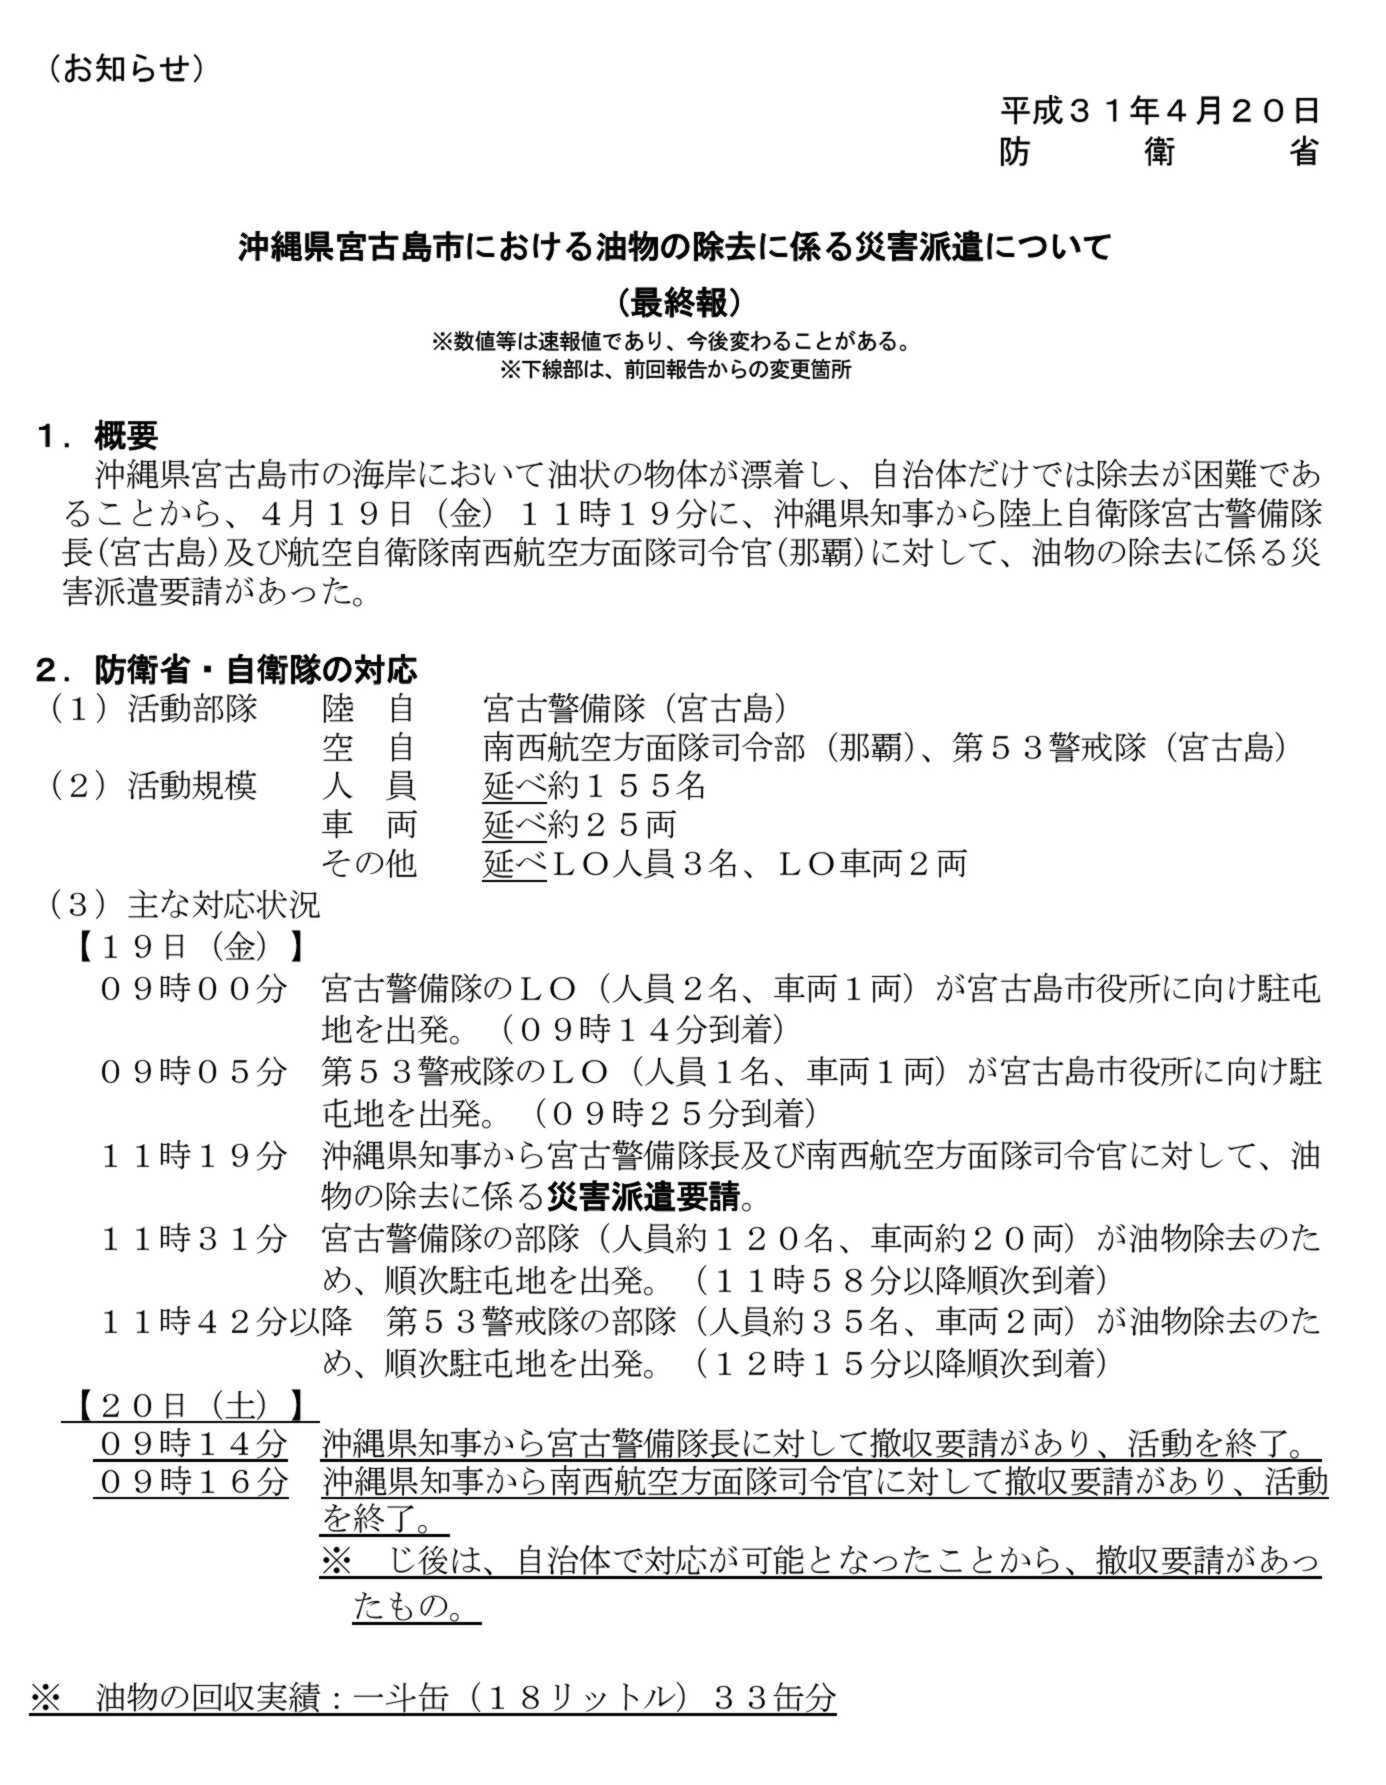 防衛省お知らせ2019 0420